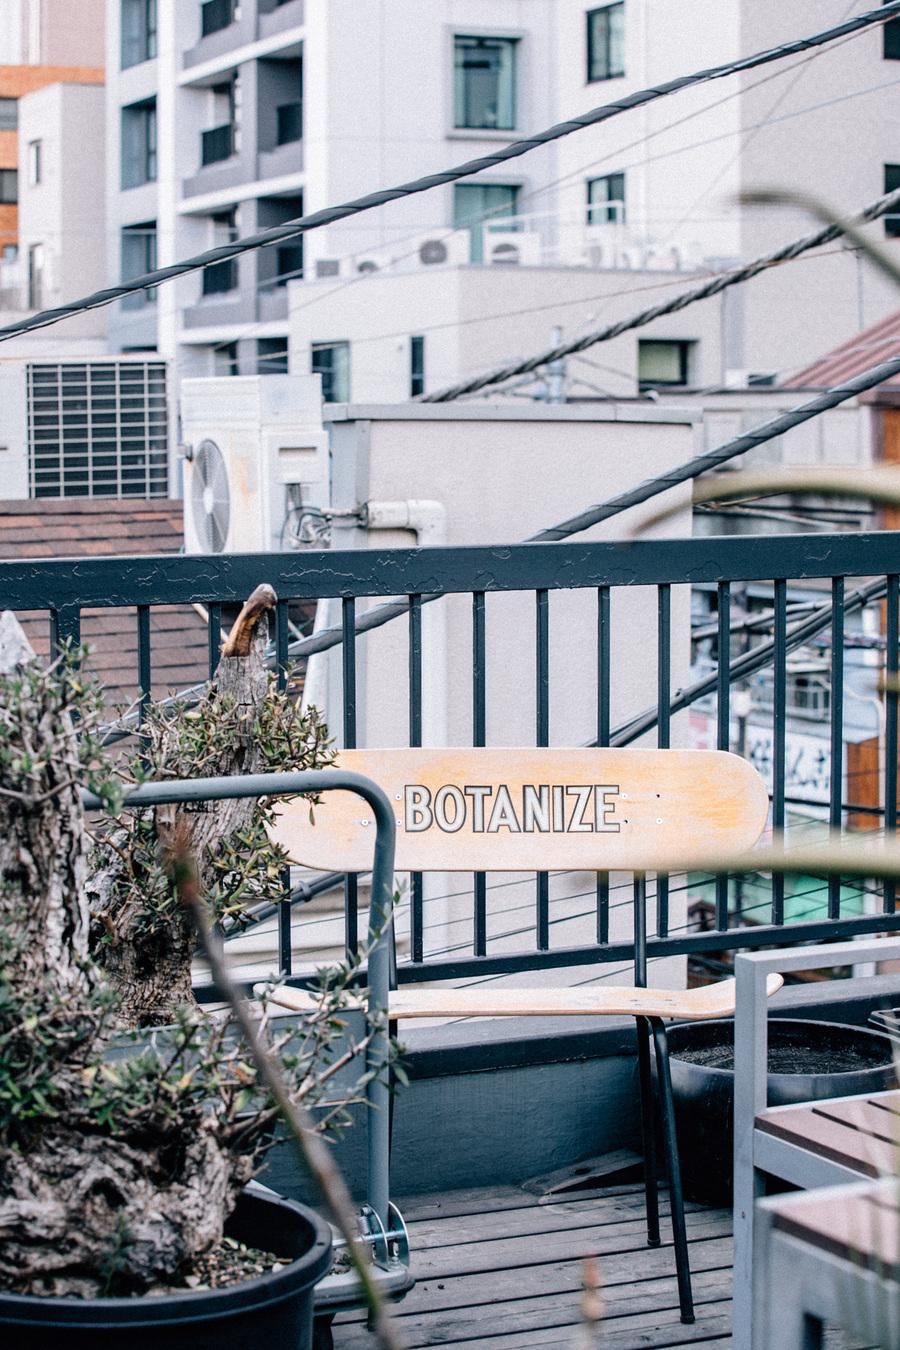 [Vol.5]  BOTANIZEの横町健さんと語り合った[N/OHのいまとこれから。]